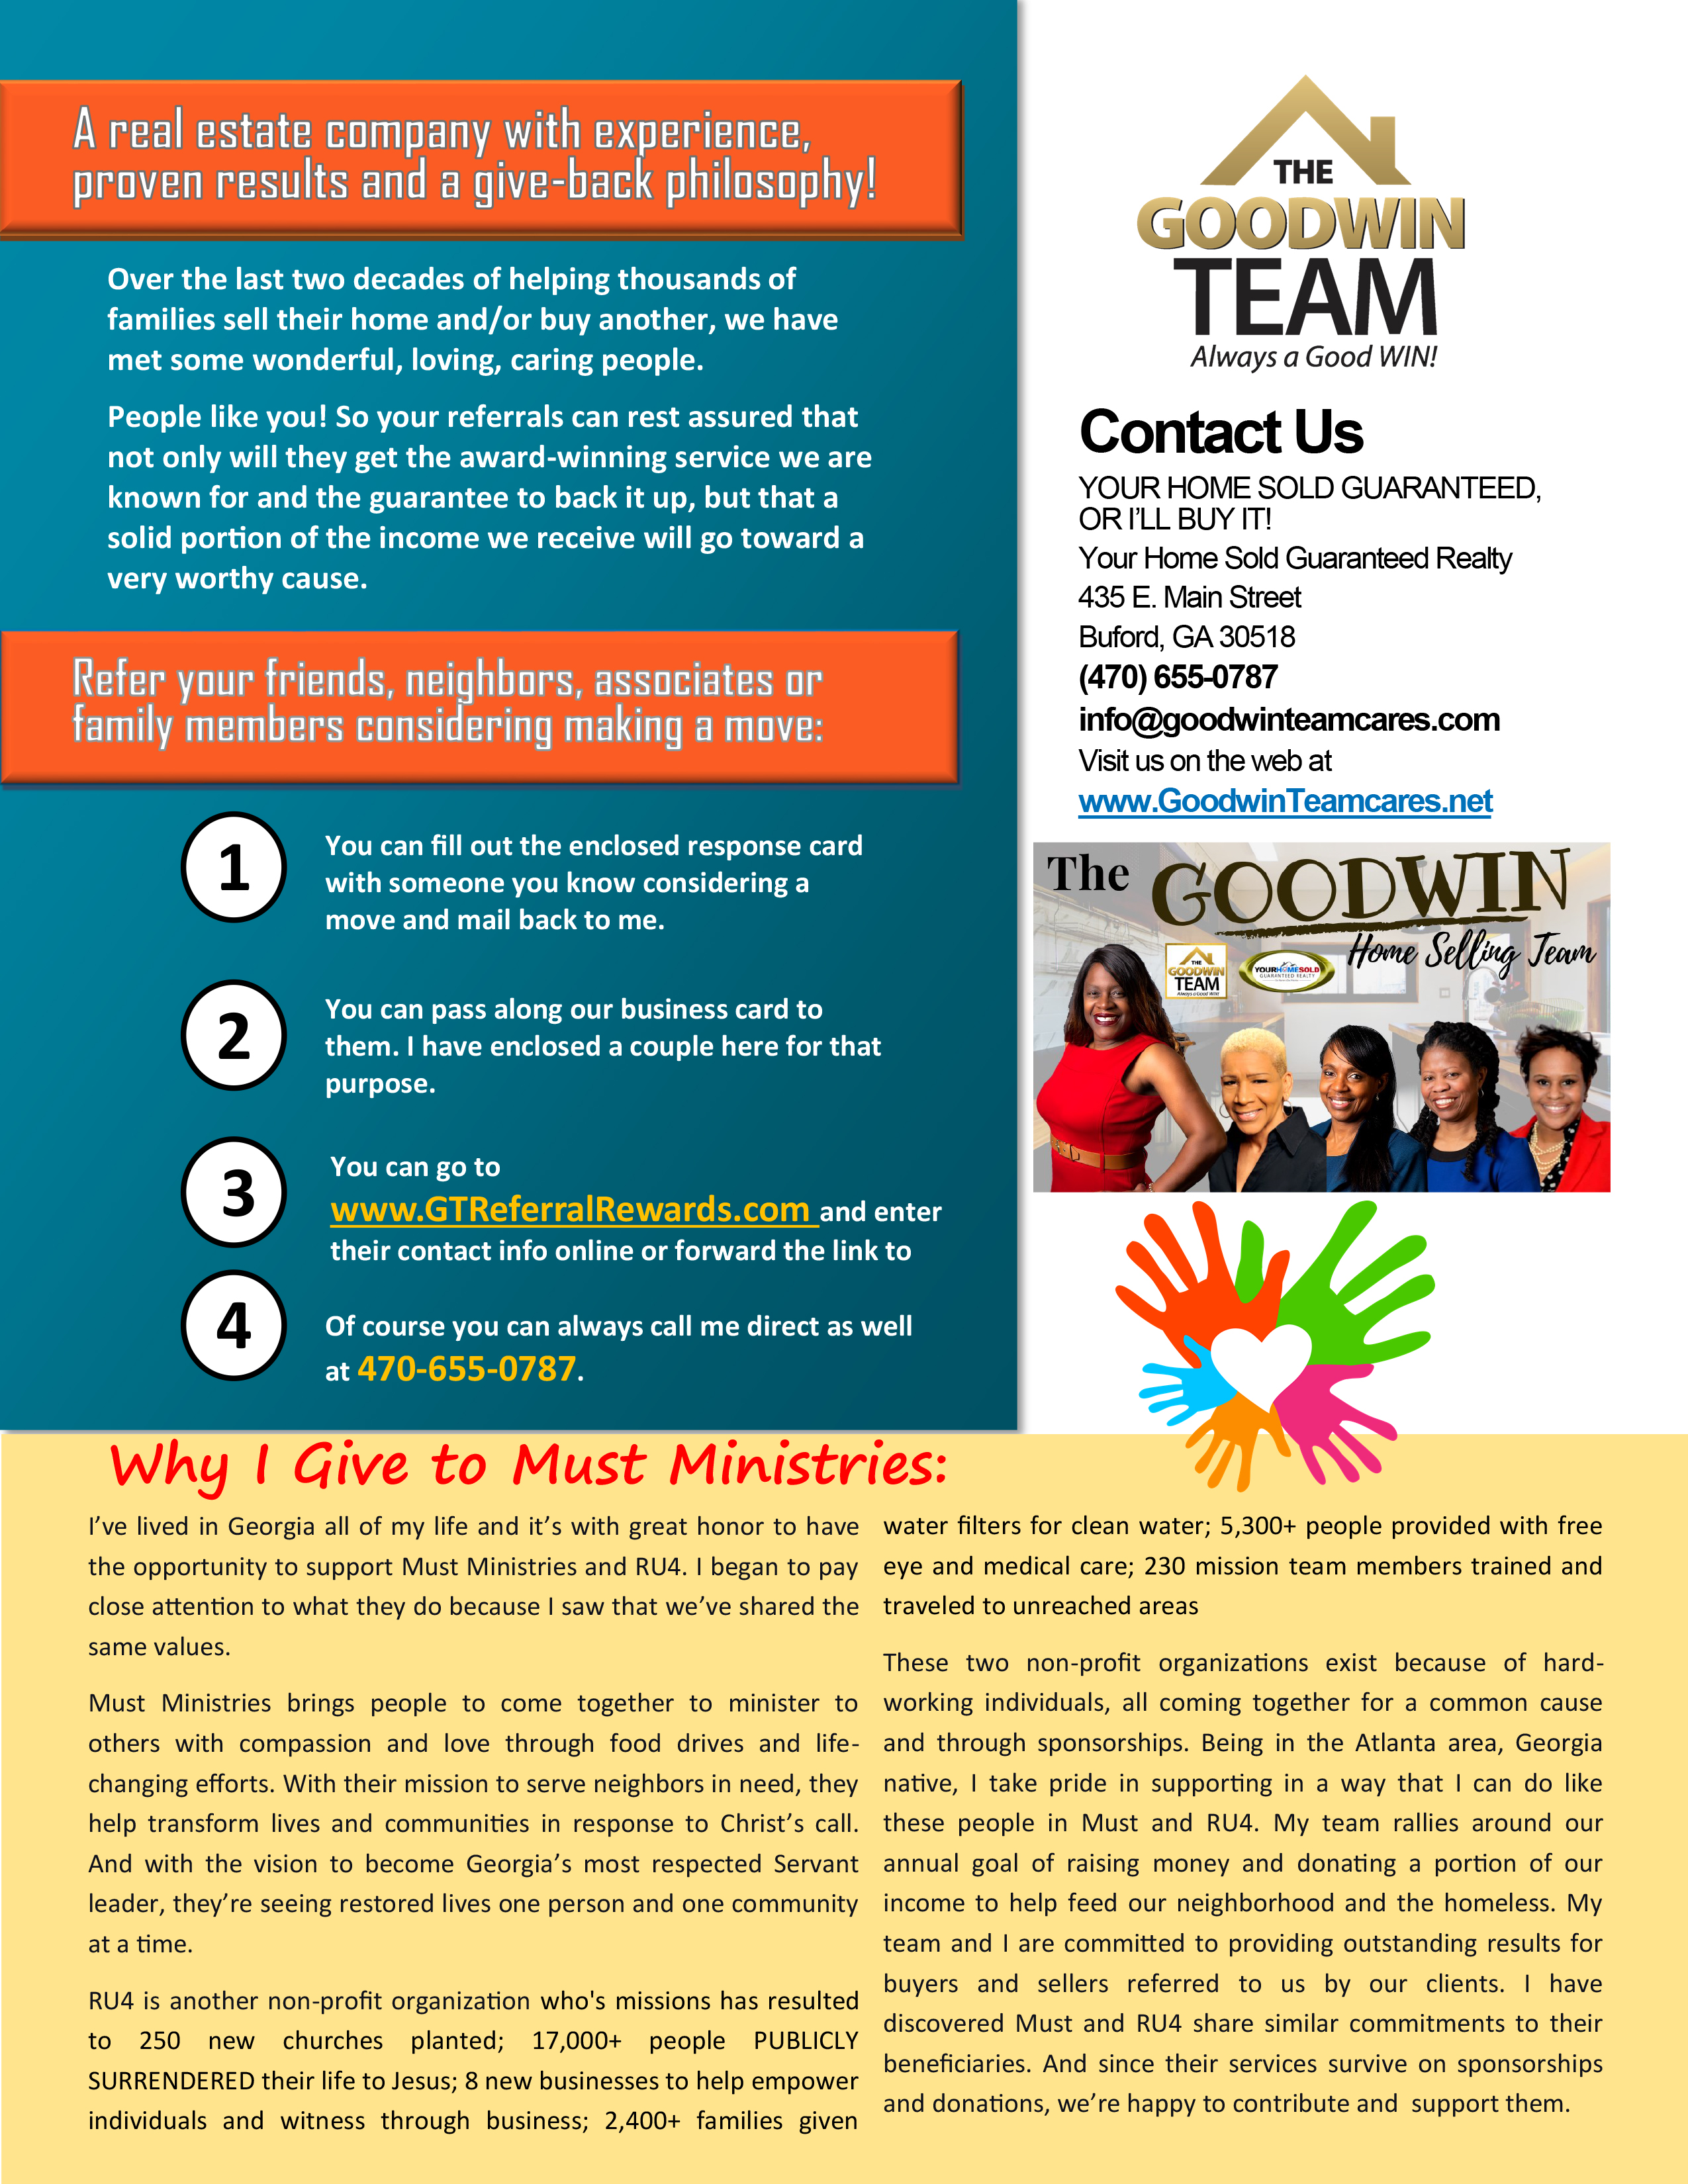 Aug 2020 Referral Newsletter Goodwin Team-4.JPG